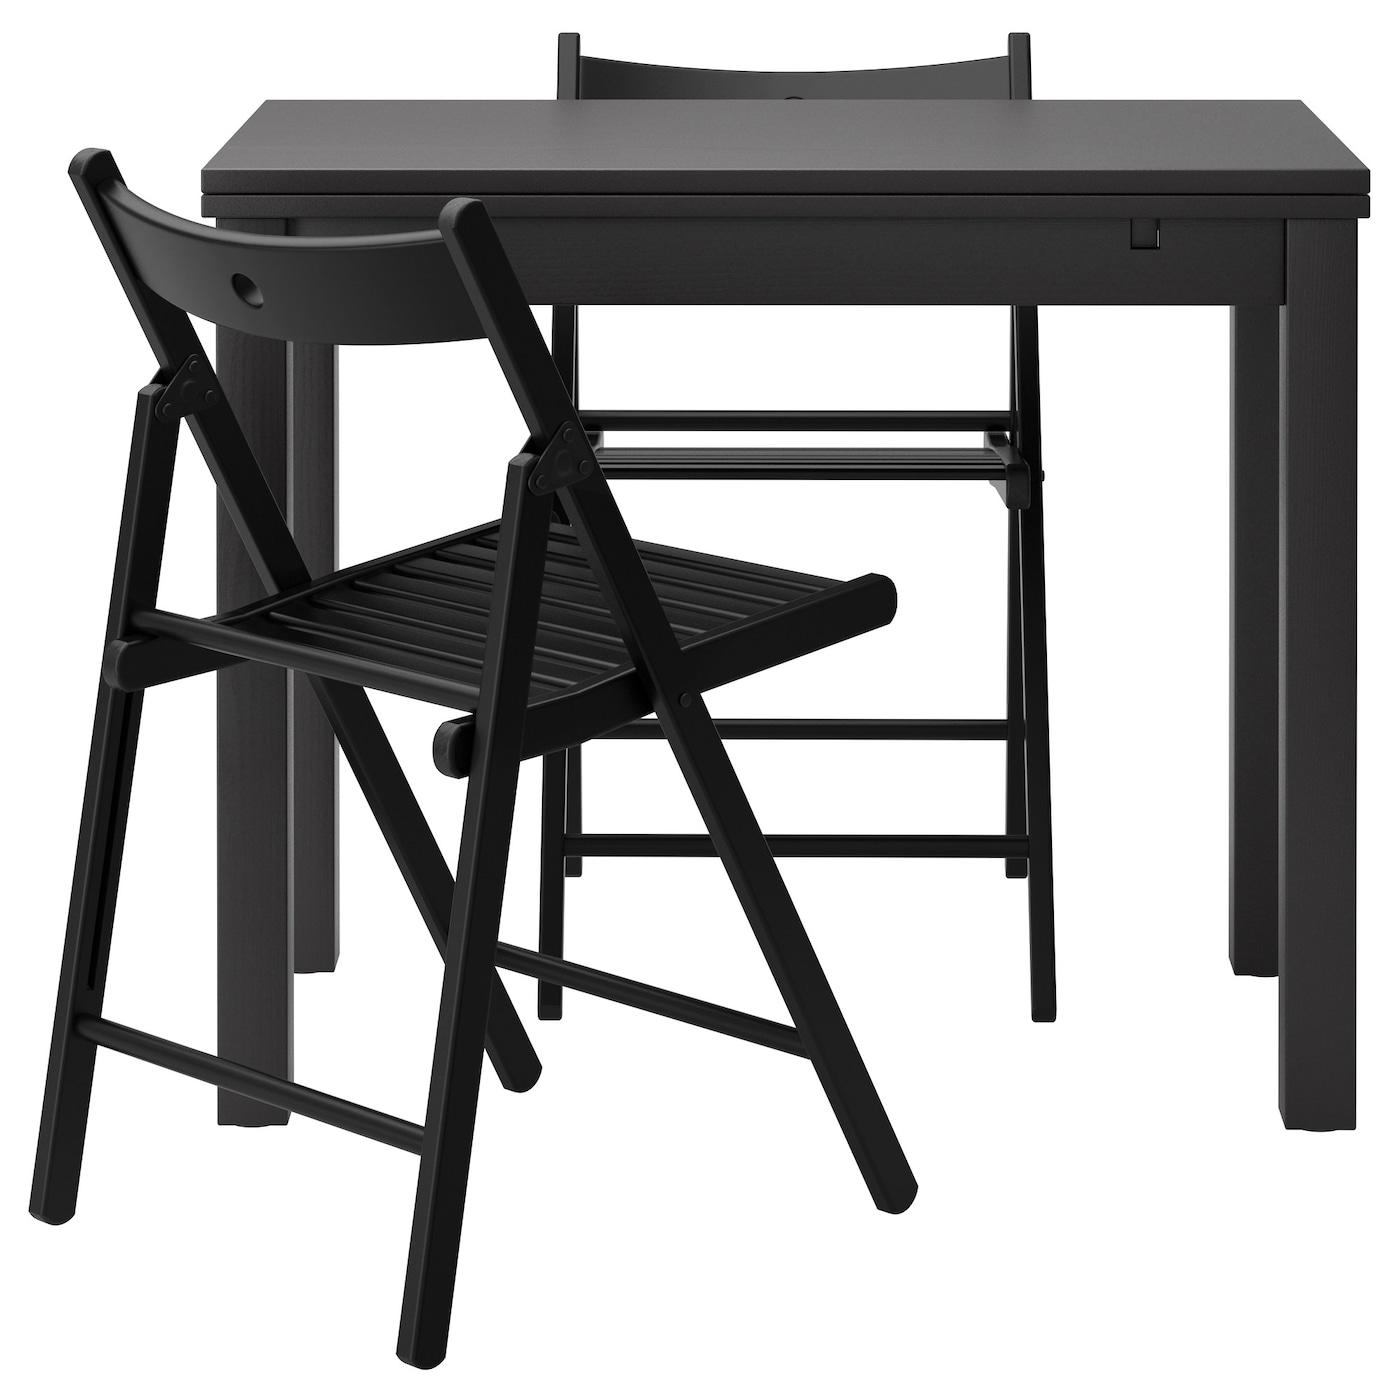 """БЬЮРСТА/ ТЕРЬЕ Стол и 2 стула, коричнево-чёрный, черный - Интернет-магазин мебели  """"Ekea Шведский дом """" в Астане."""